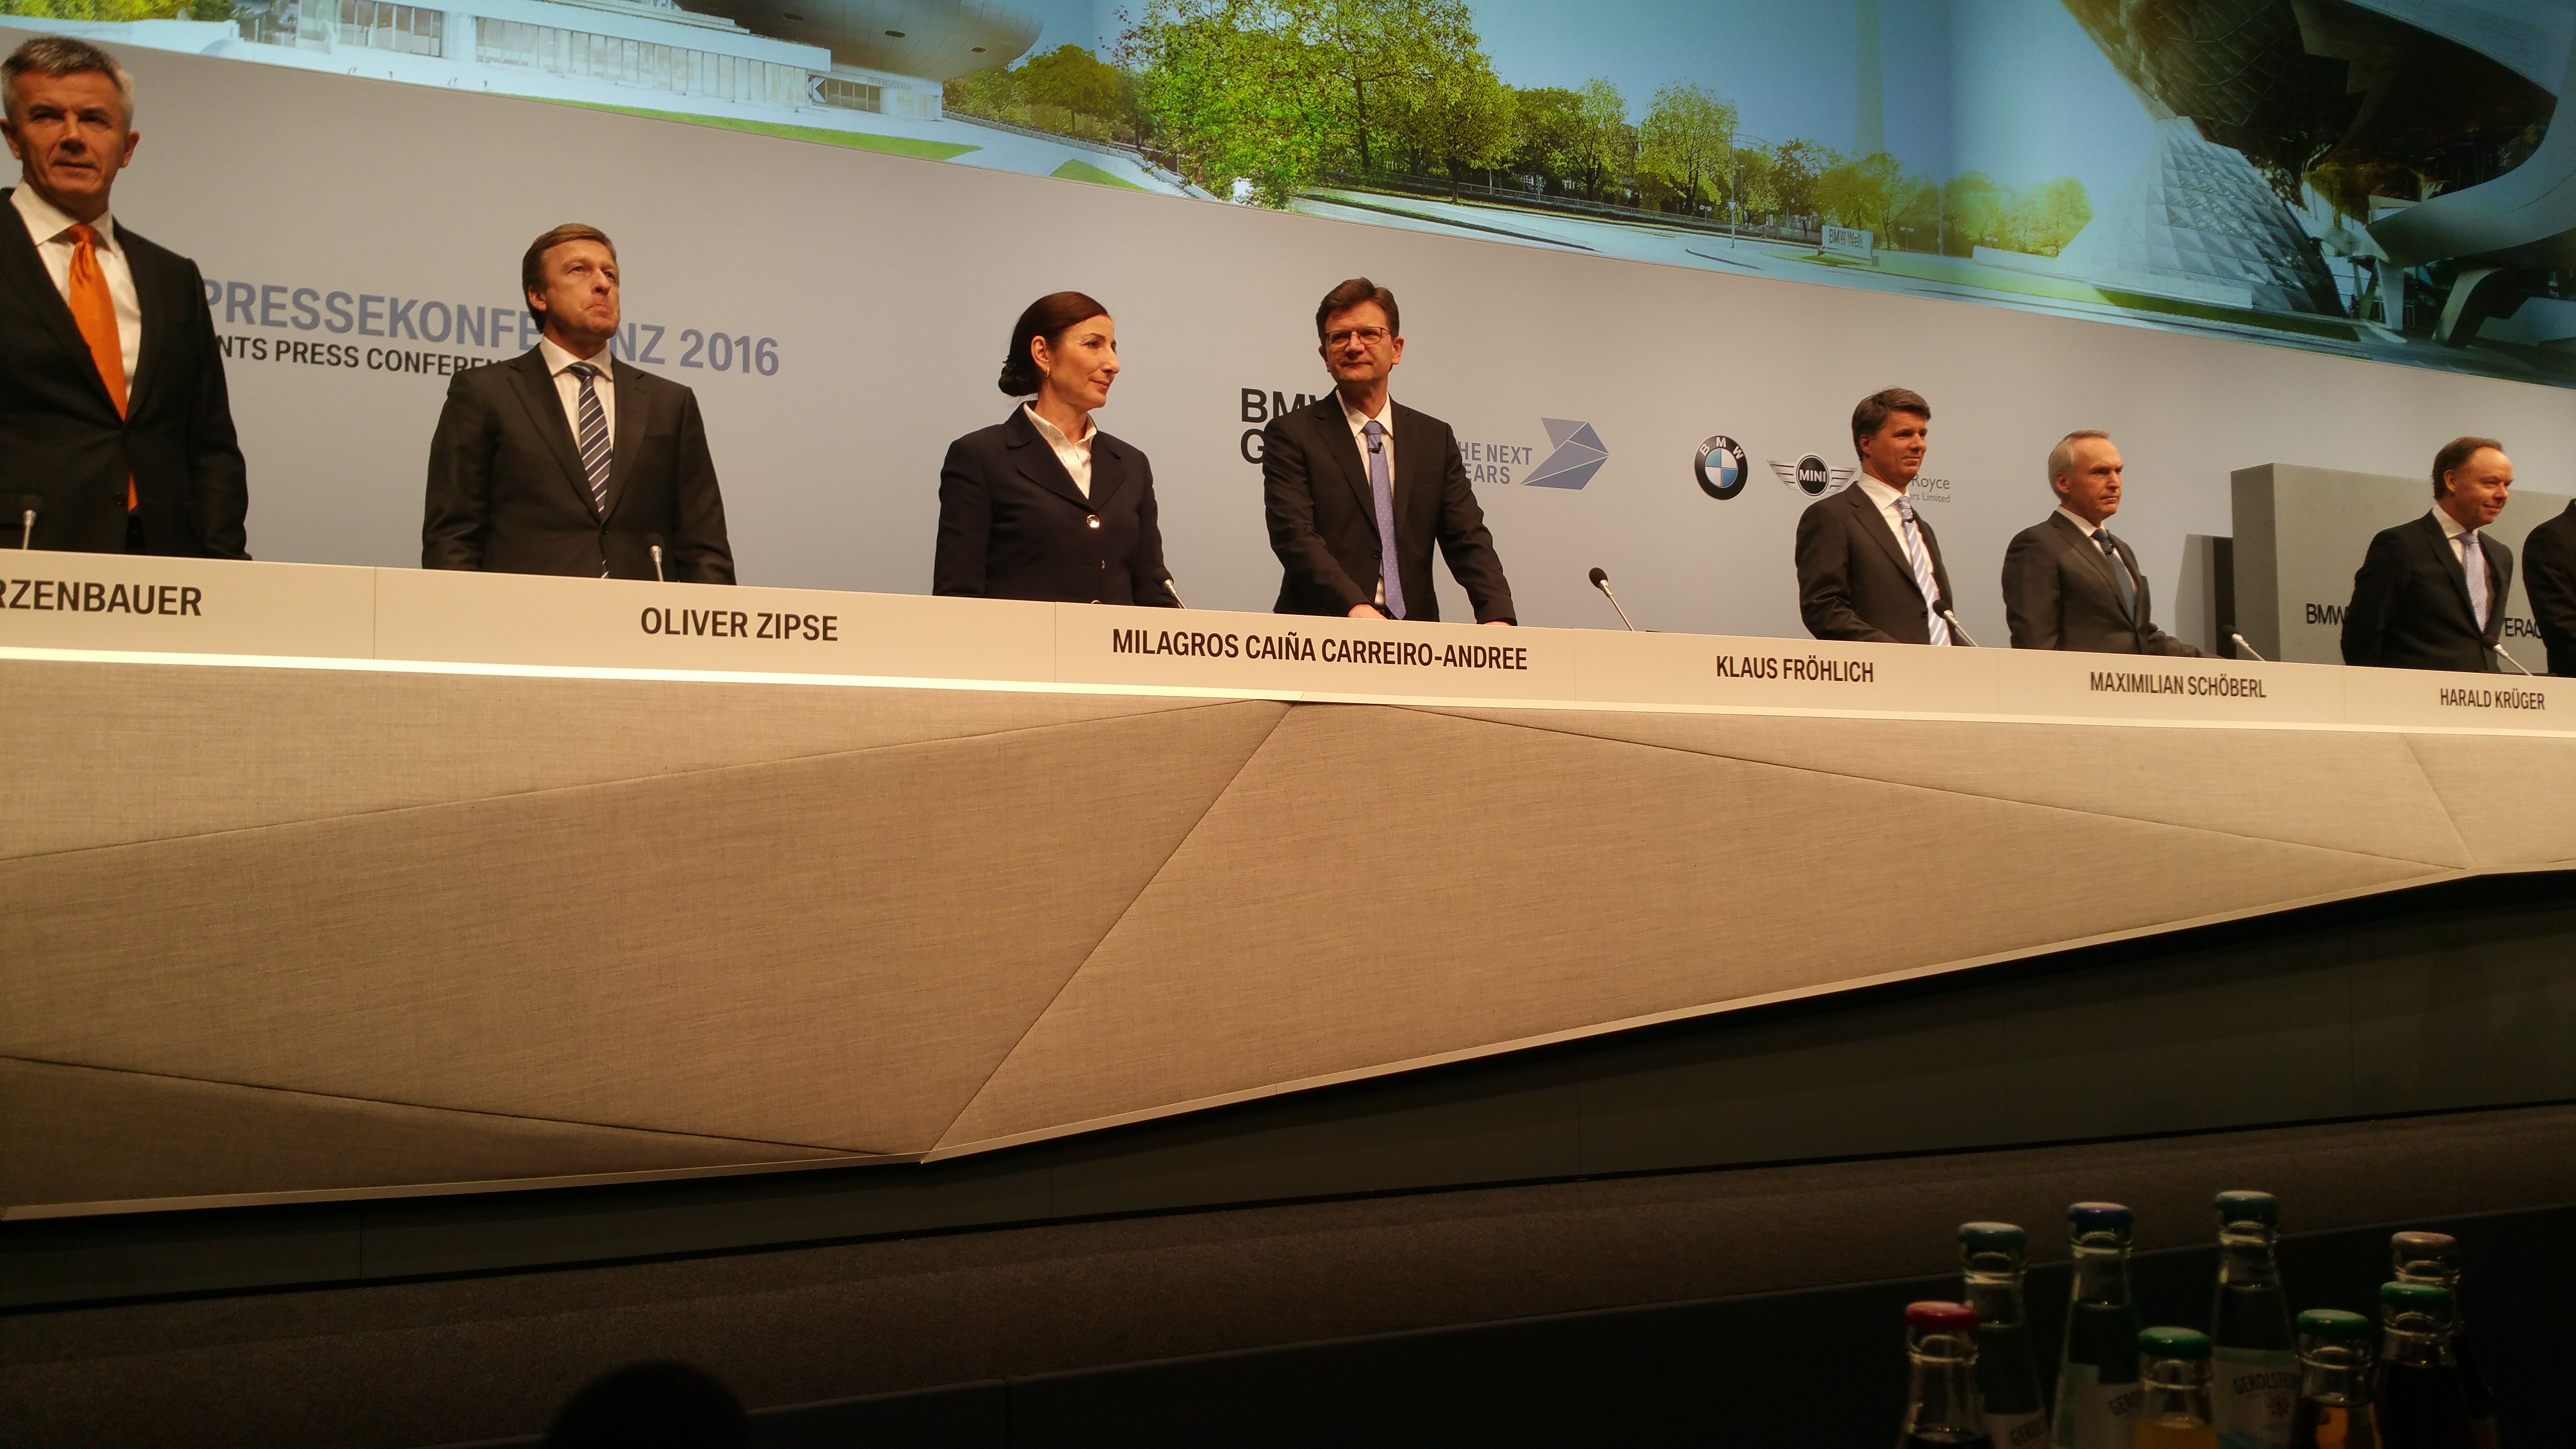 BMW Vorstand - Sekunden vor Eröffnung der Pressekonferenz